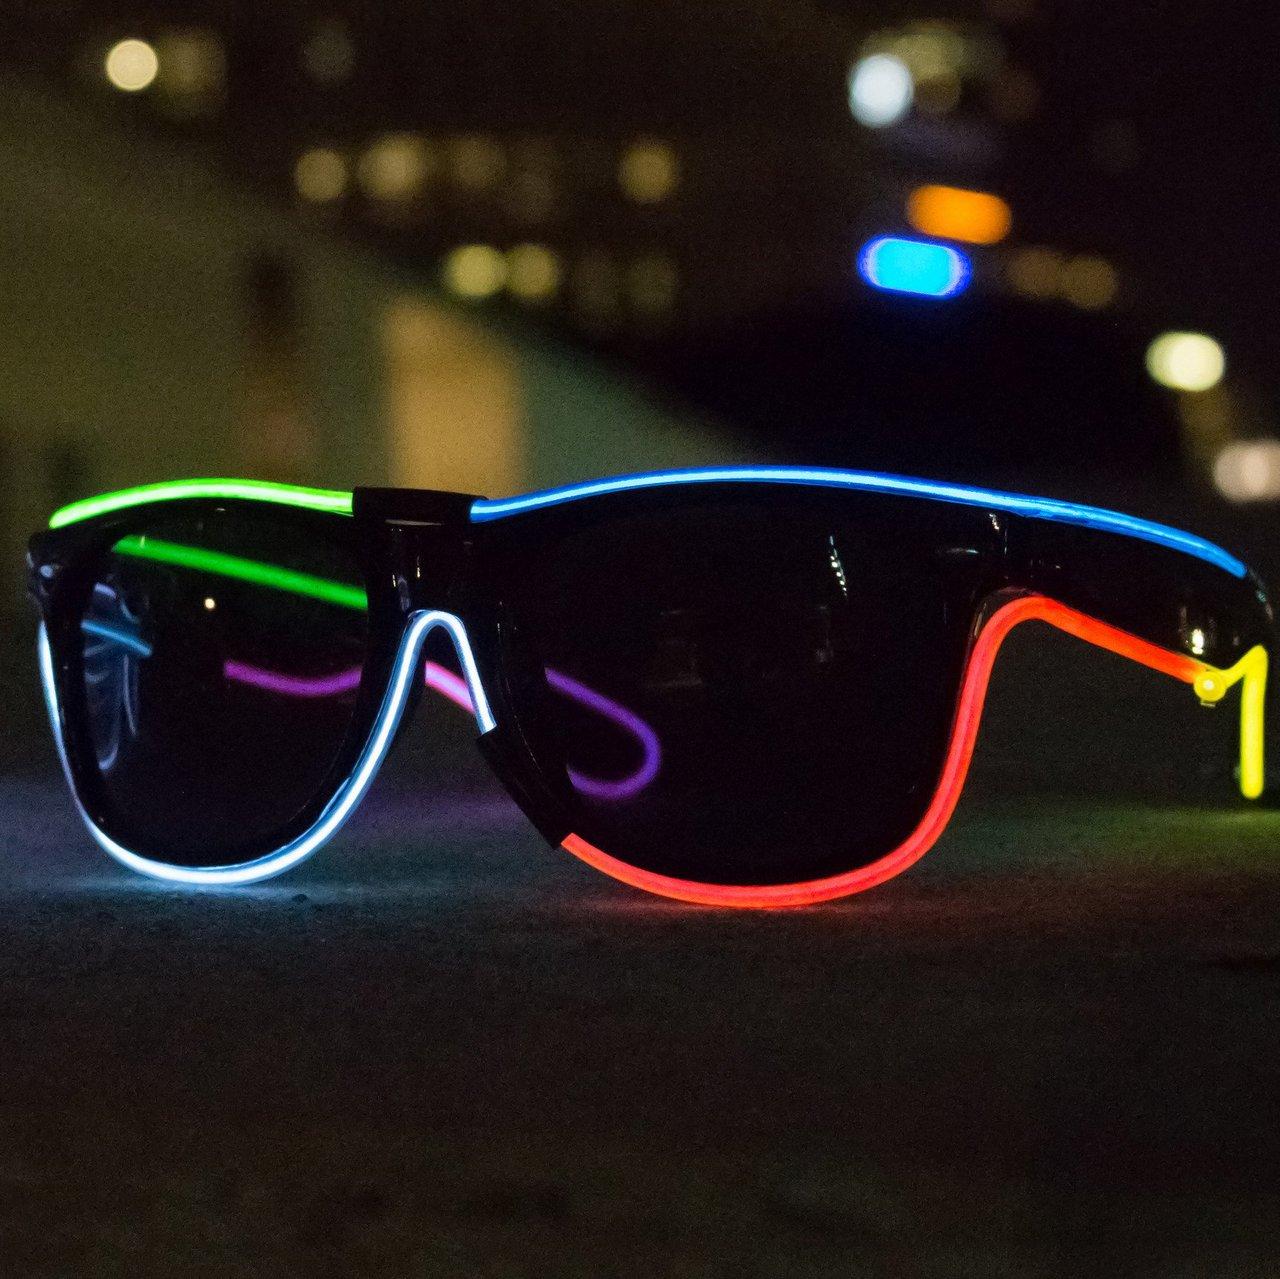 MX1 Multi-Color El Wire Glasses